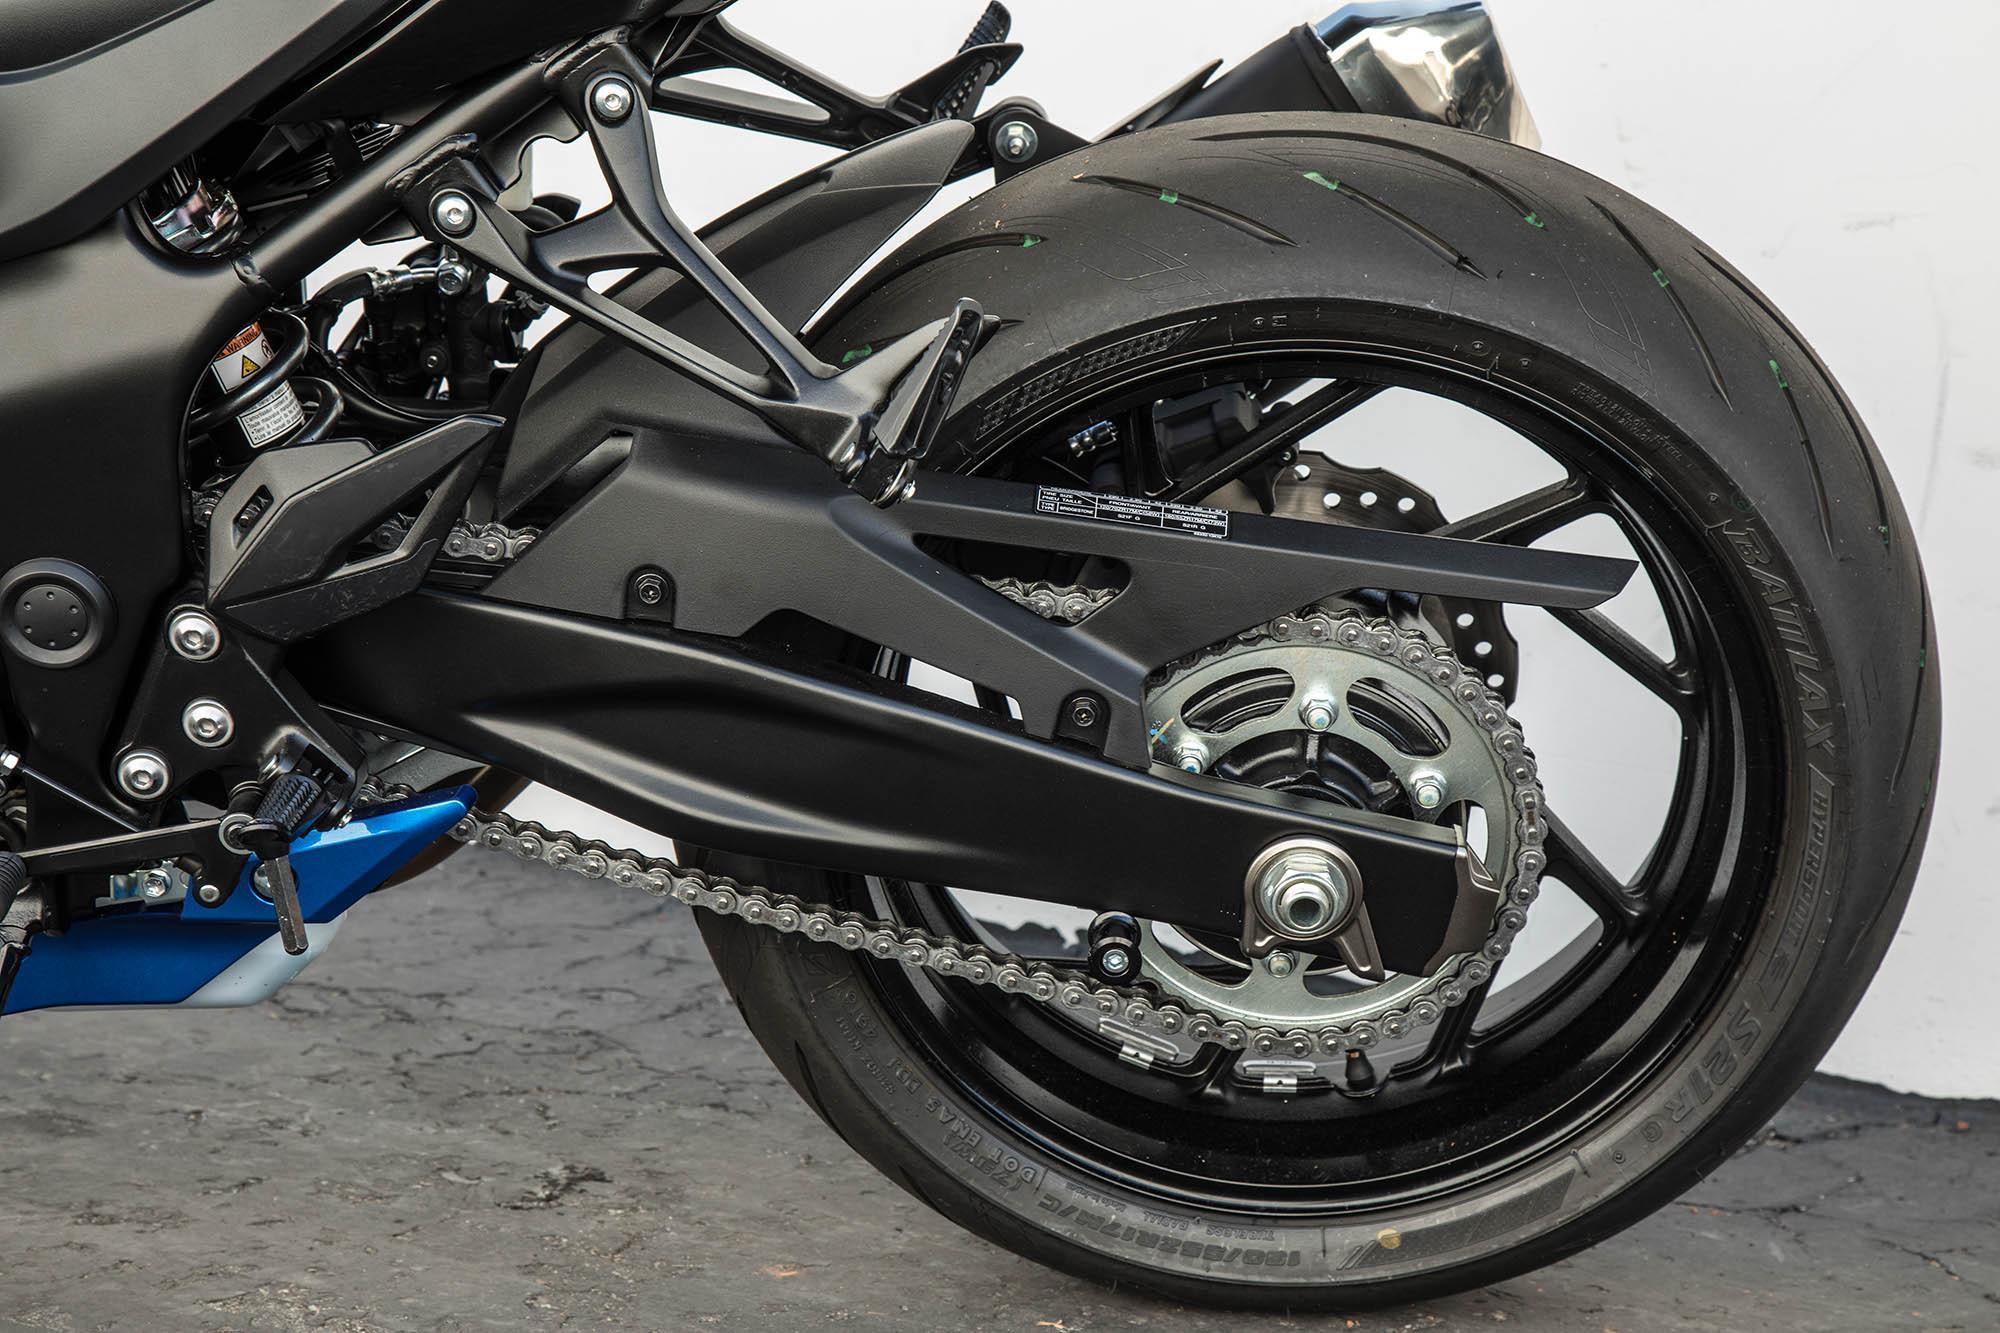 2018 Suzuki GSX-S750 First Ride Review | Motorcyclist